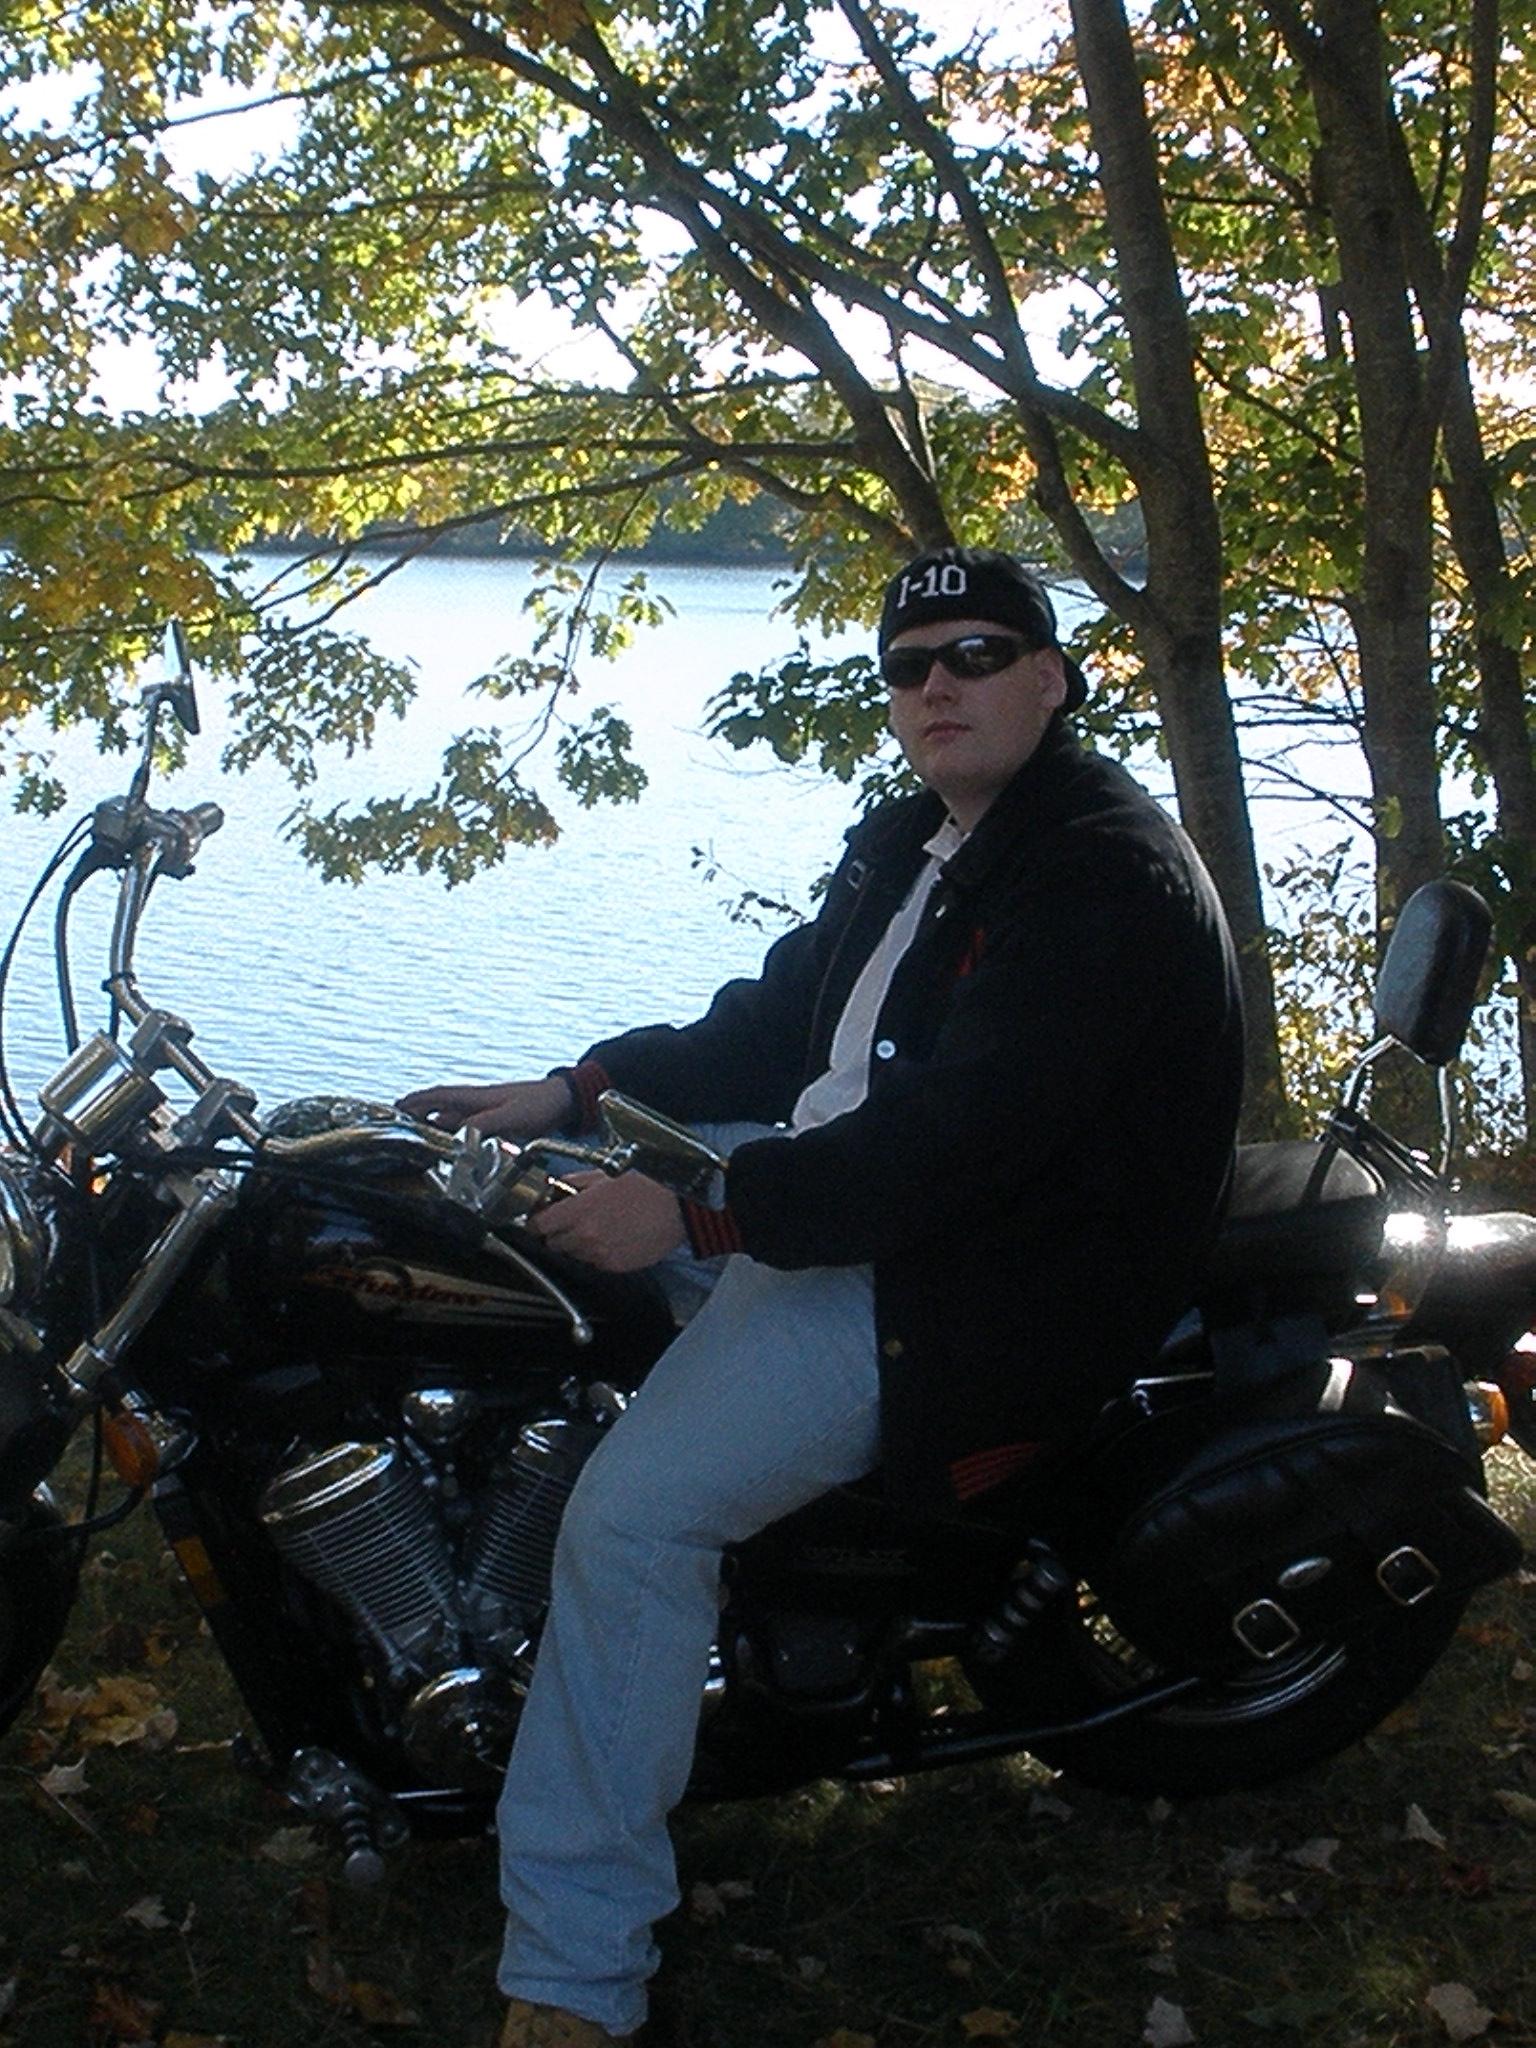 Michael-J-Caboose's Profile Picture